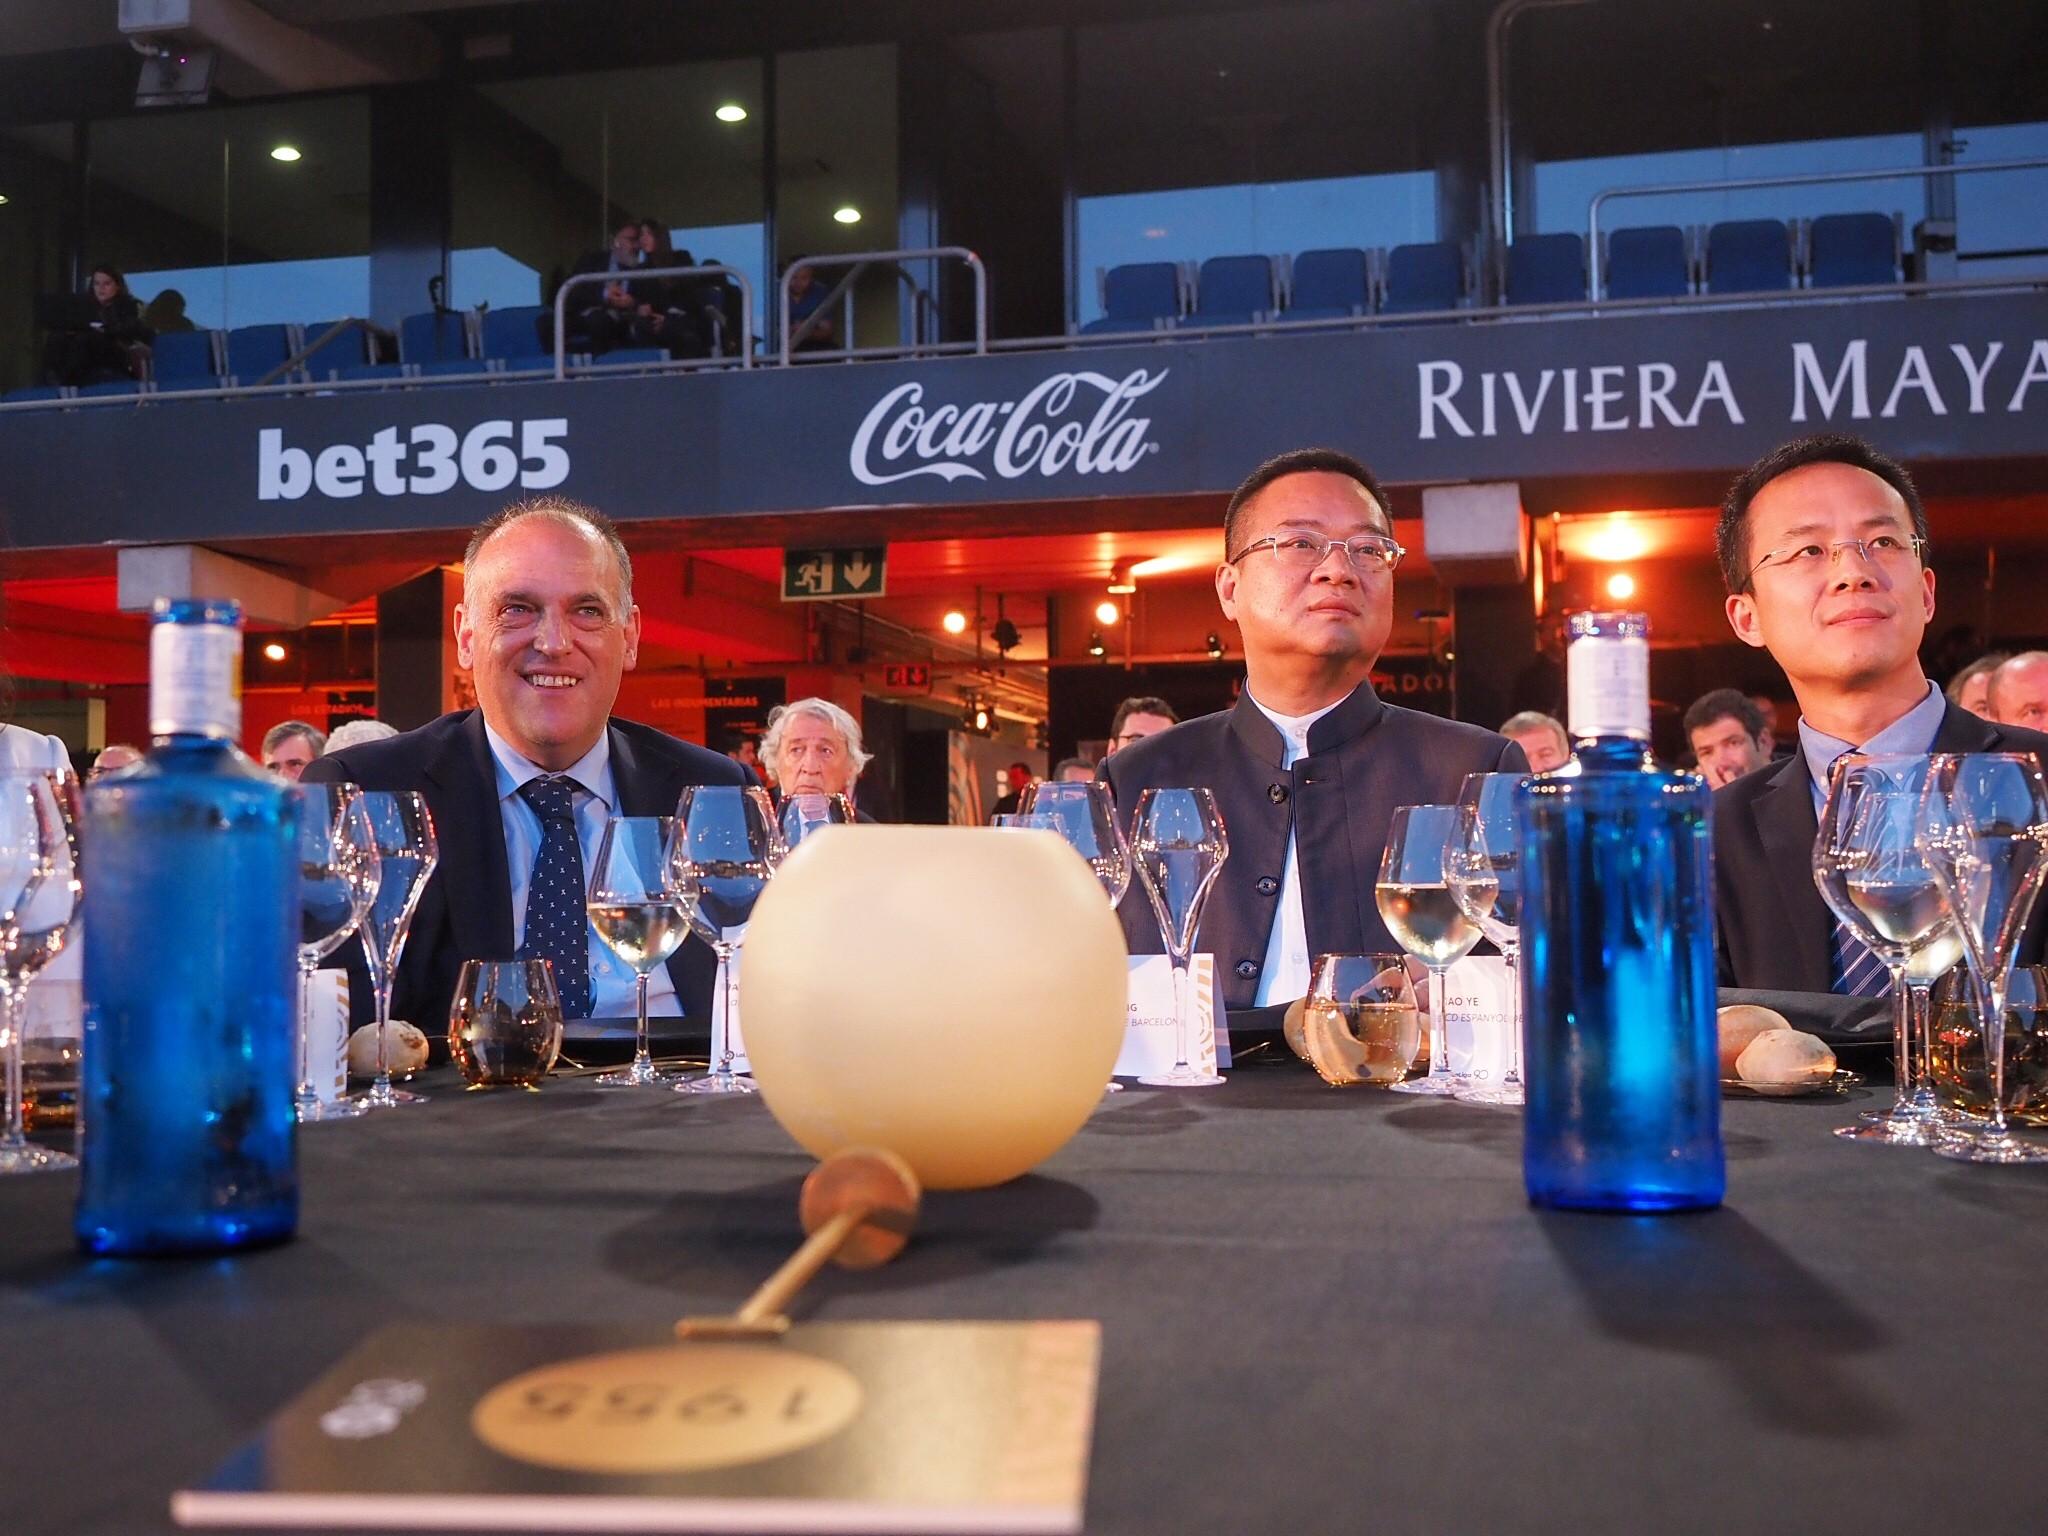 陈雁升先生出席西甲90周年晚宴,西班牙人荣获西甲先驱者奖 — 西班牙人